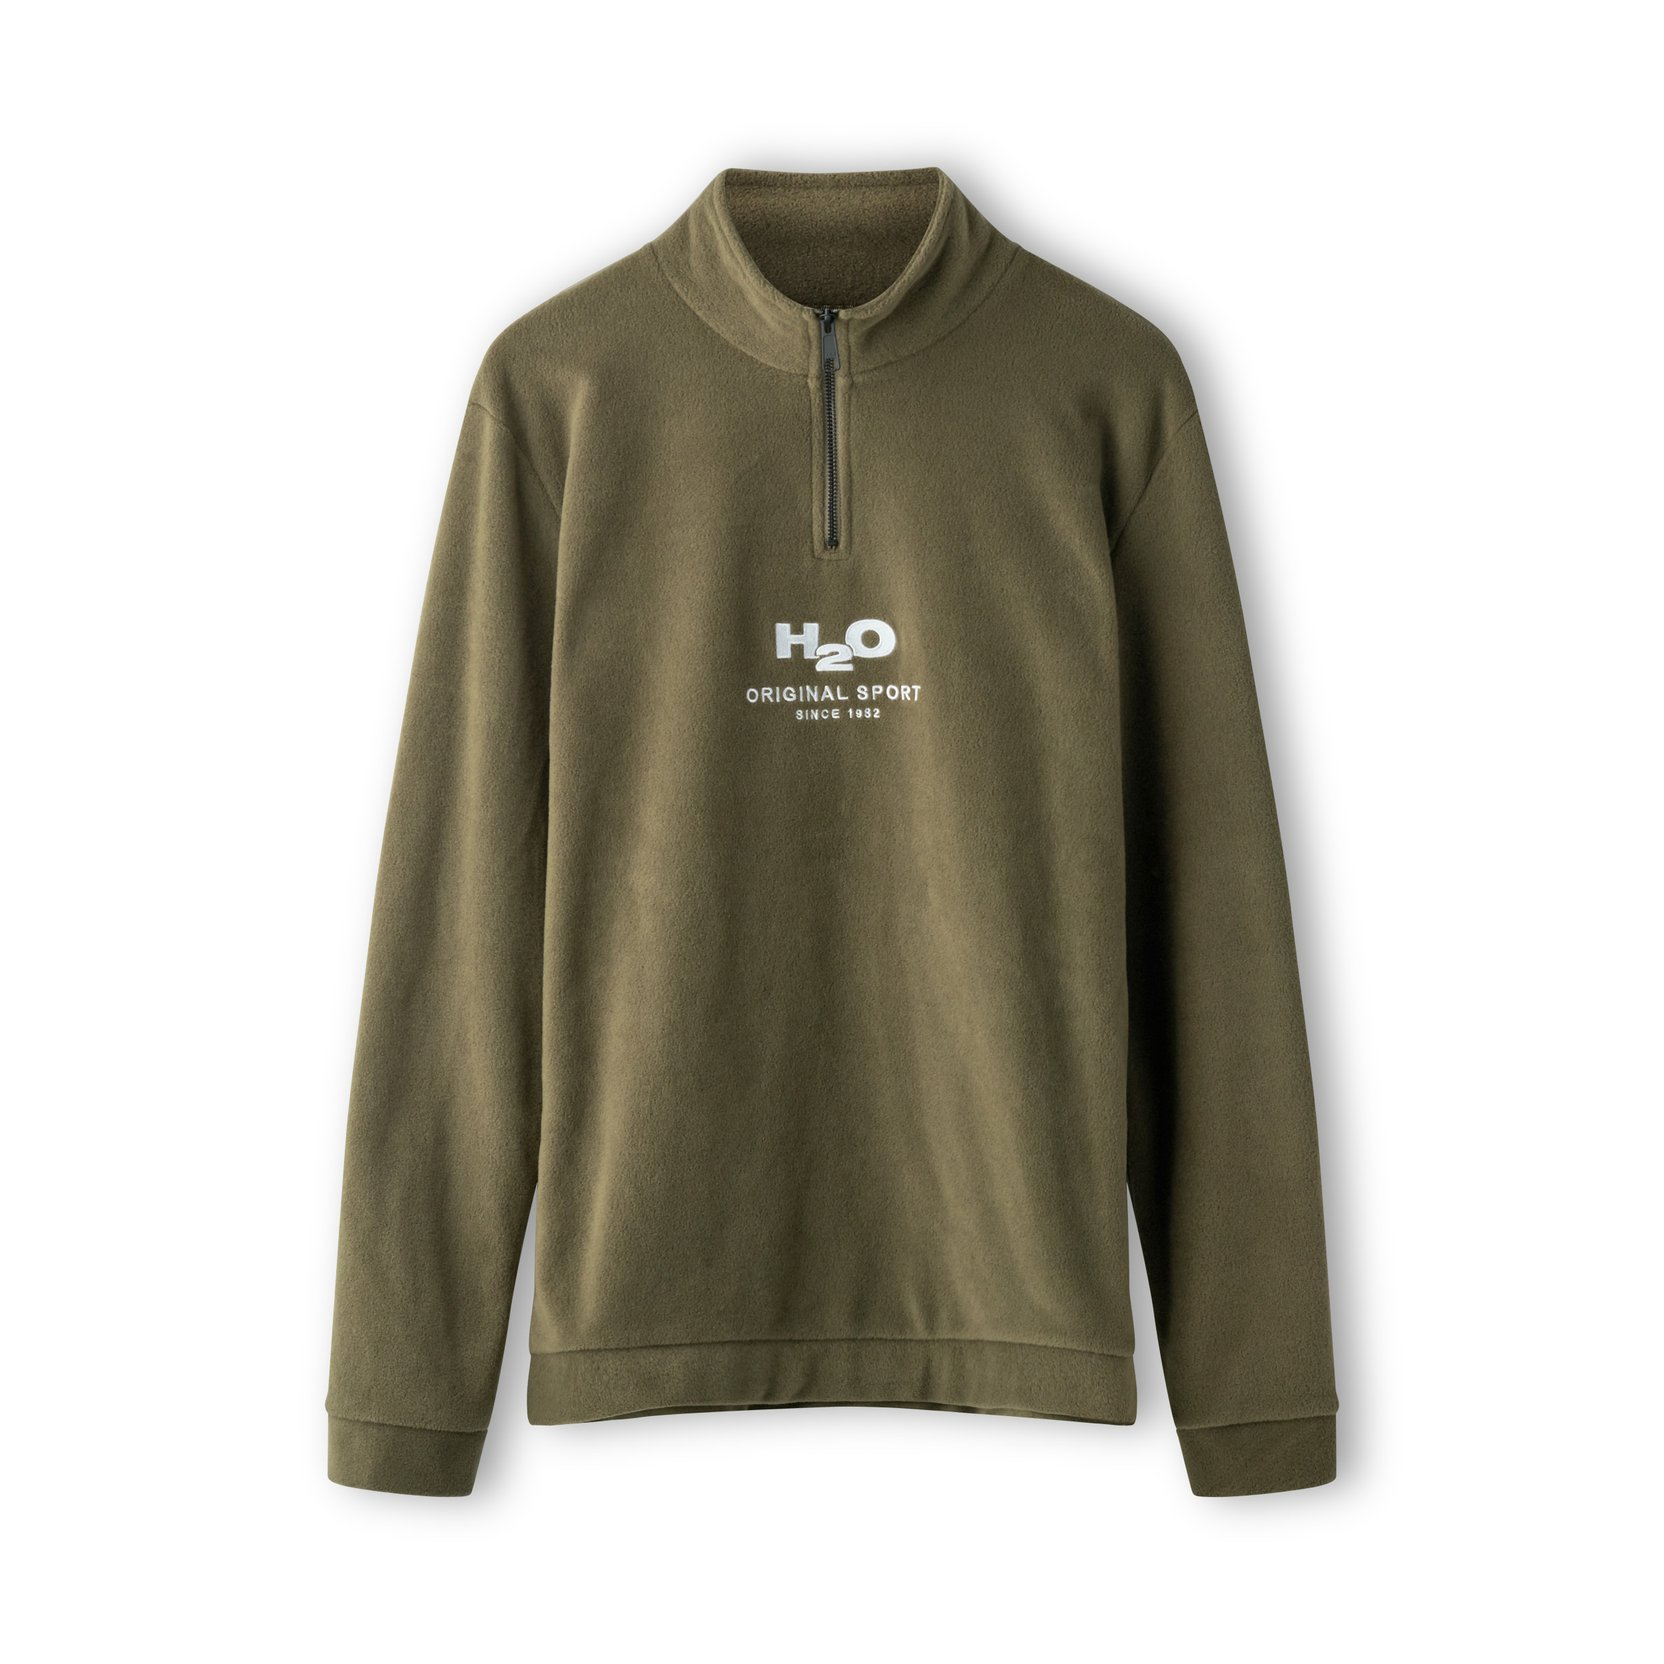 H2O Blåvand half zip fleece